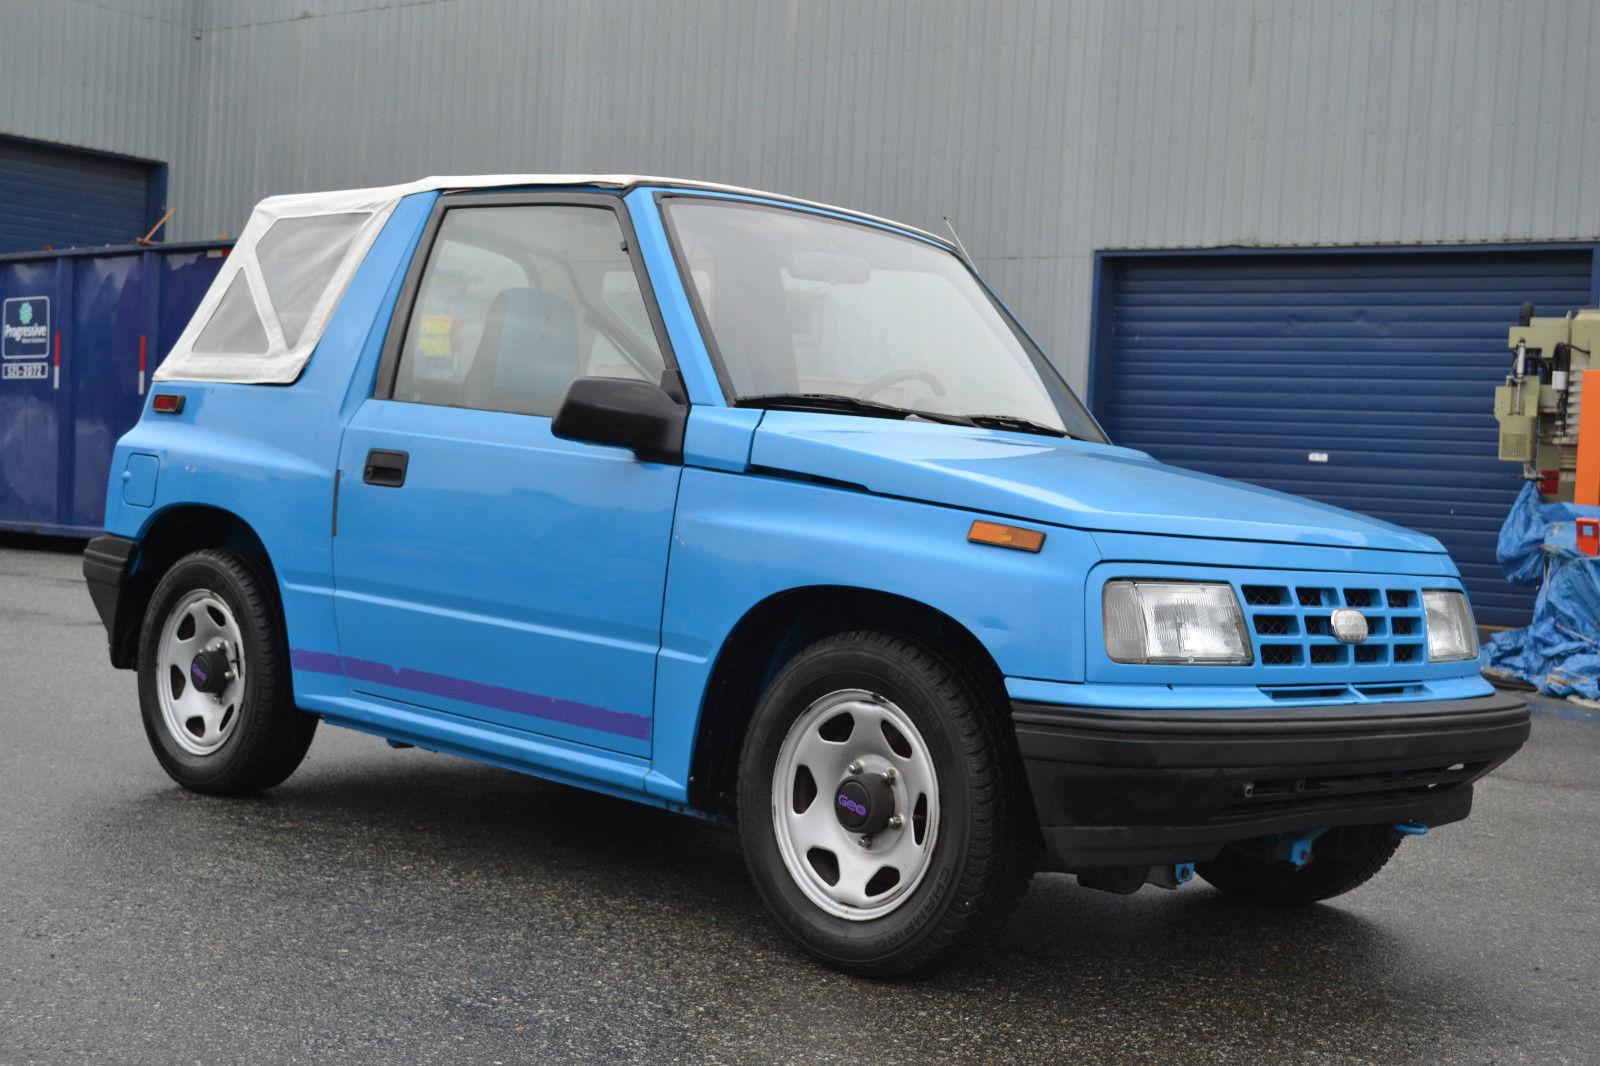 Toyota Floor Mats >> 1991 tracker CONVERTIBLE manual 5 speed like sidekick samurai sunrunner - Classic Suzuki ...